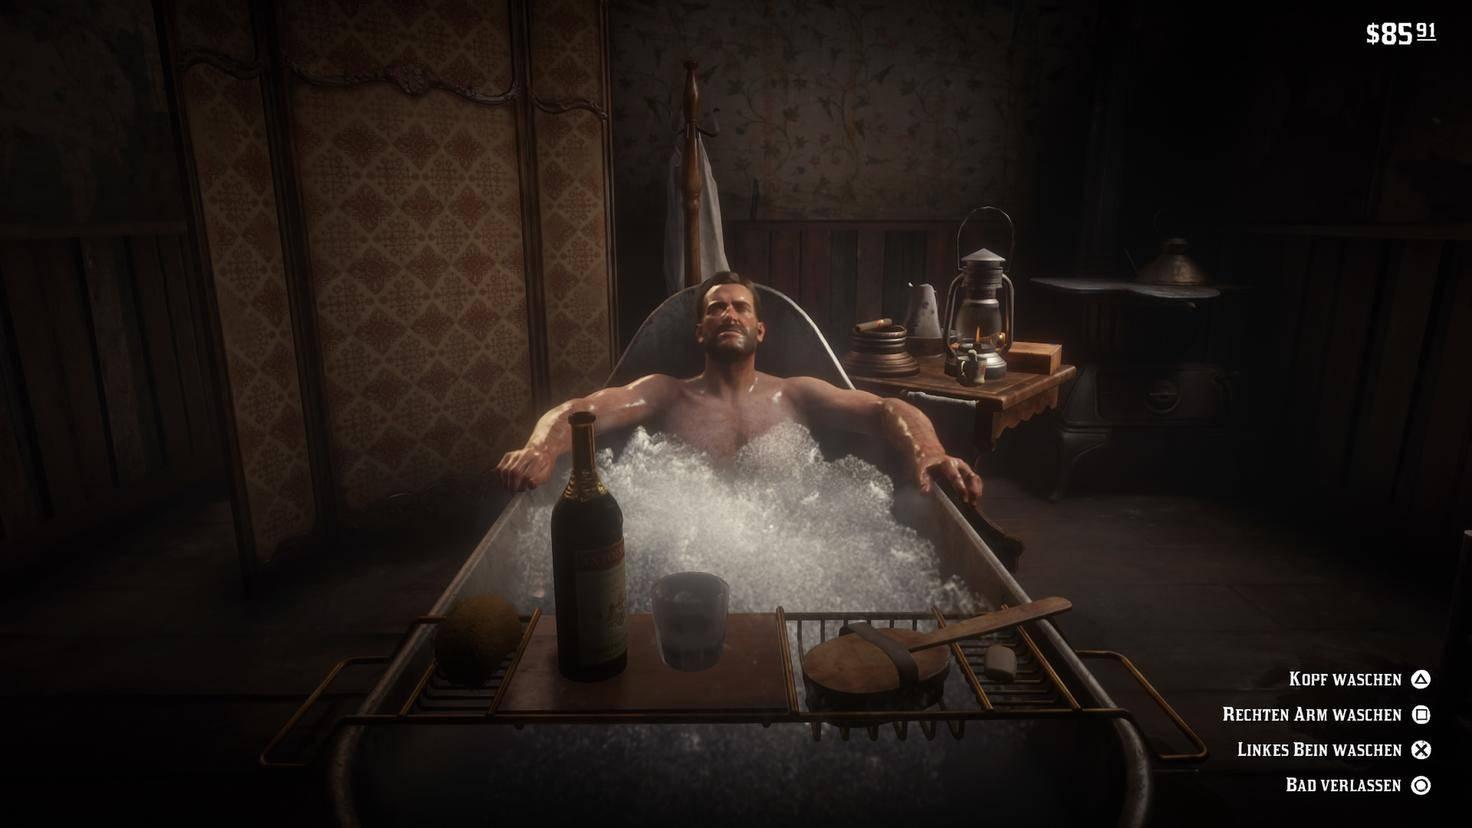 Jep, auch ein Bad gehört zum Pflichtprogramm.